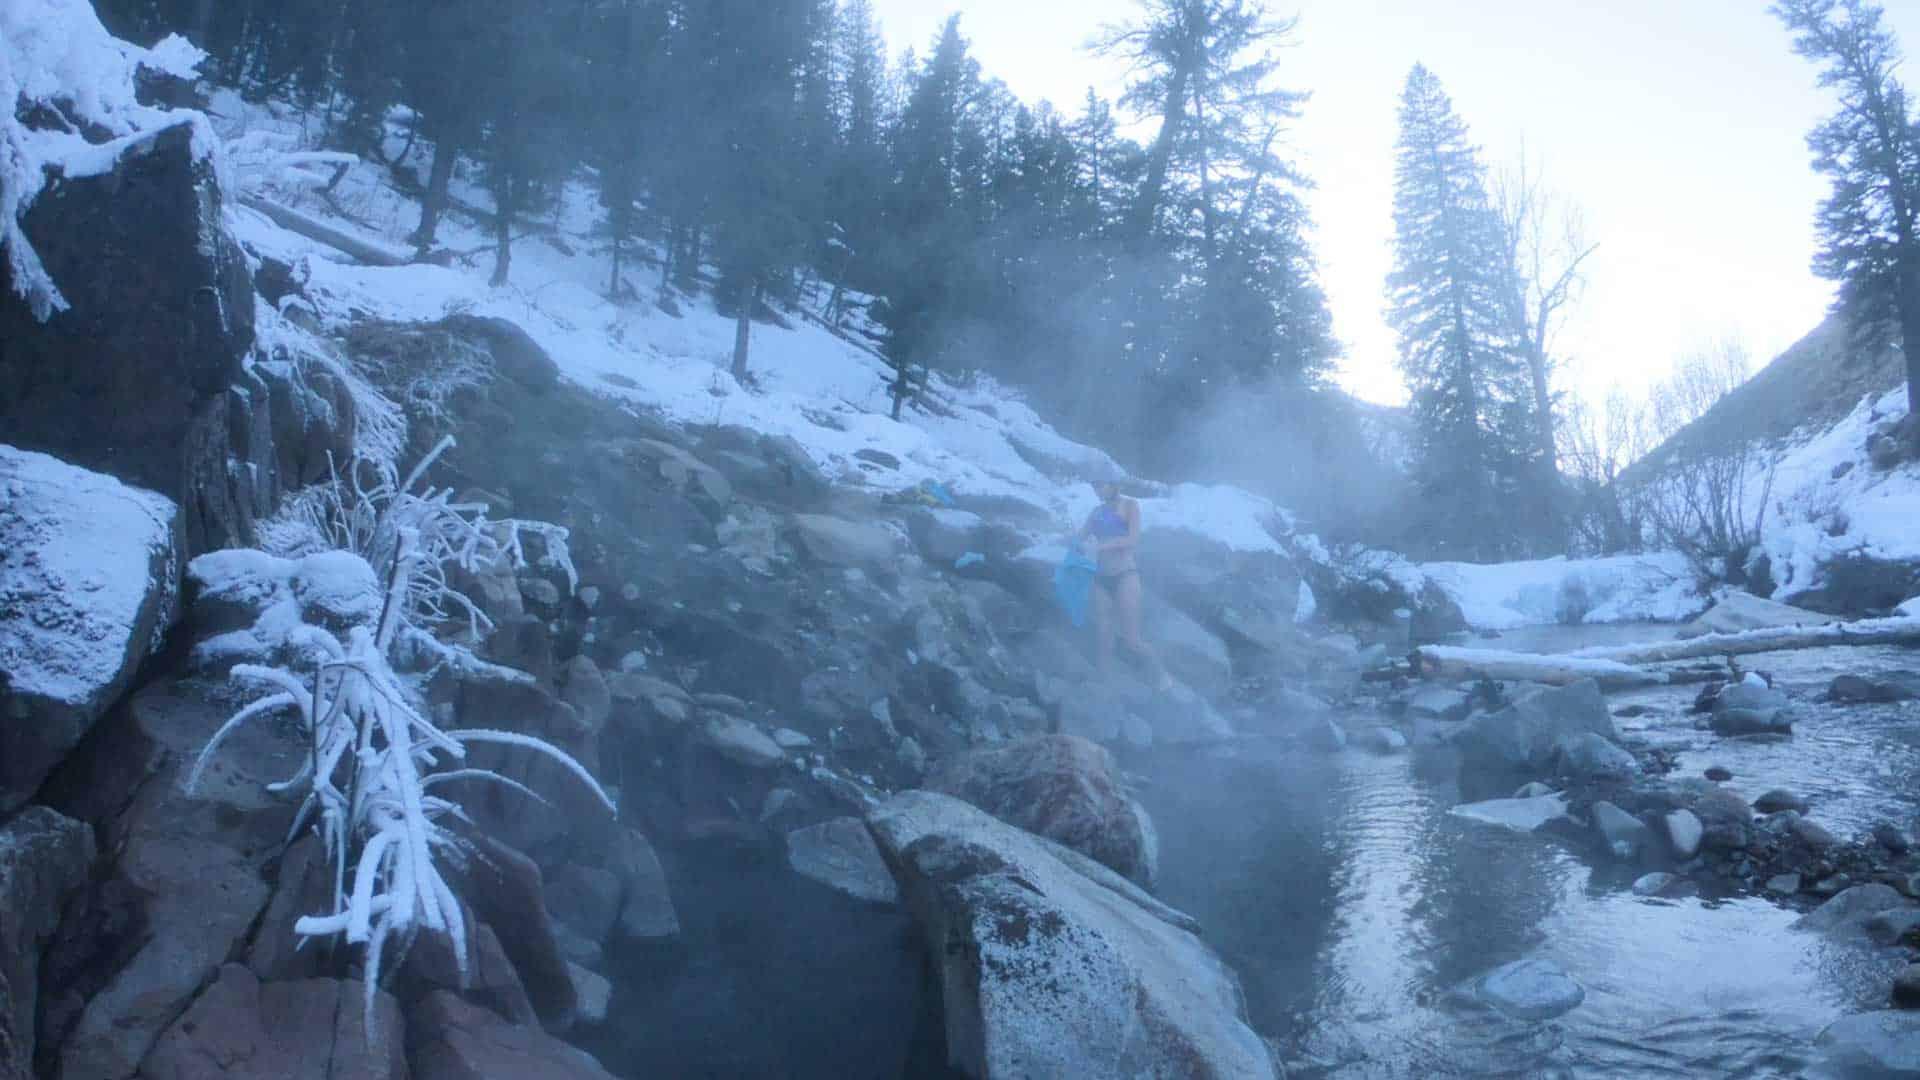 Winter Vanlife is More than skiing Powder Sun Valley Idaho (15 of 17)